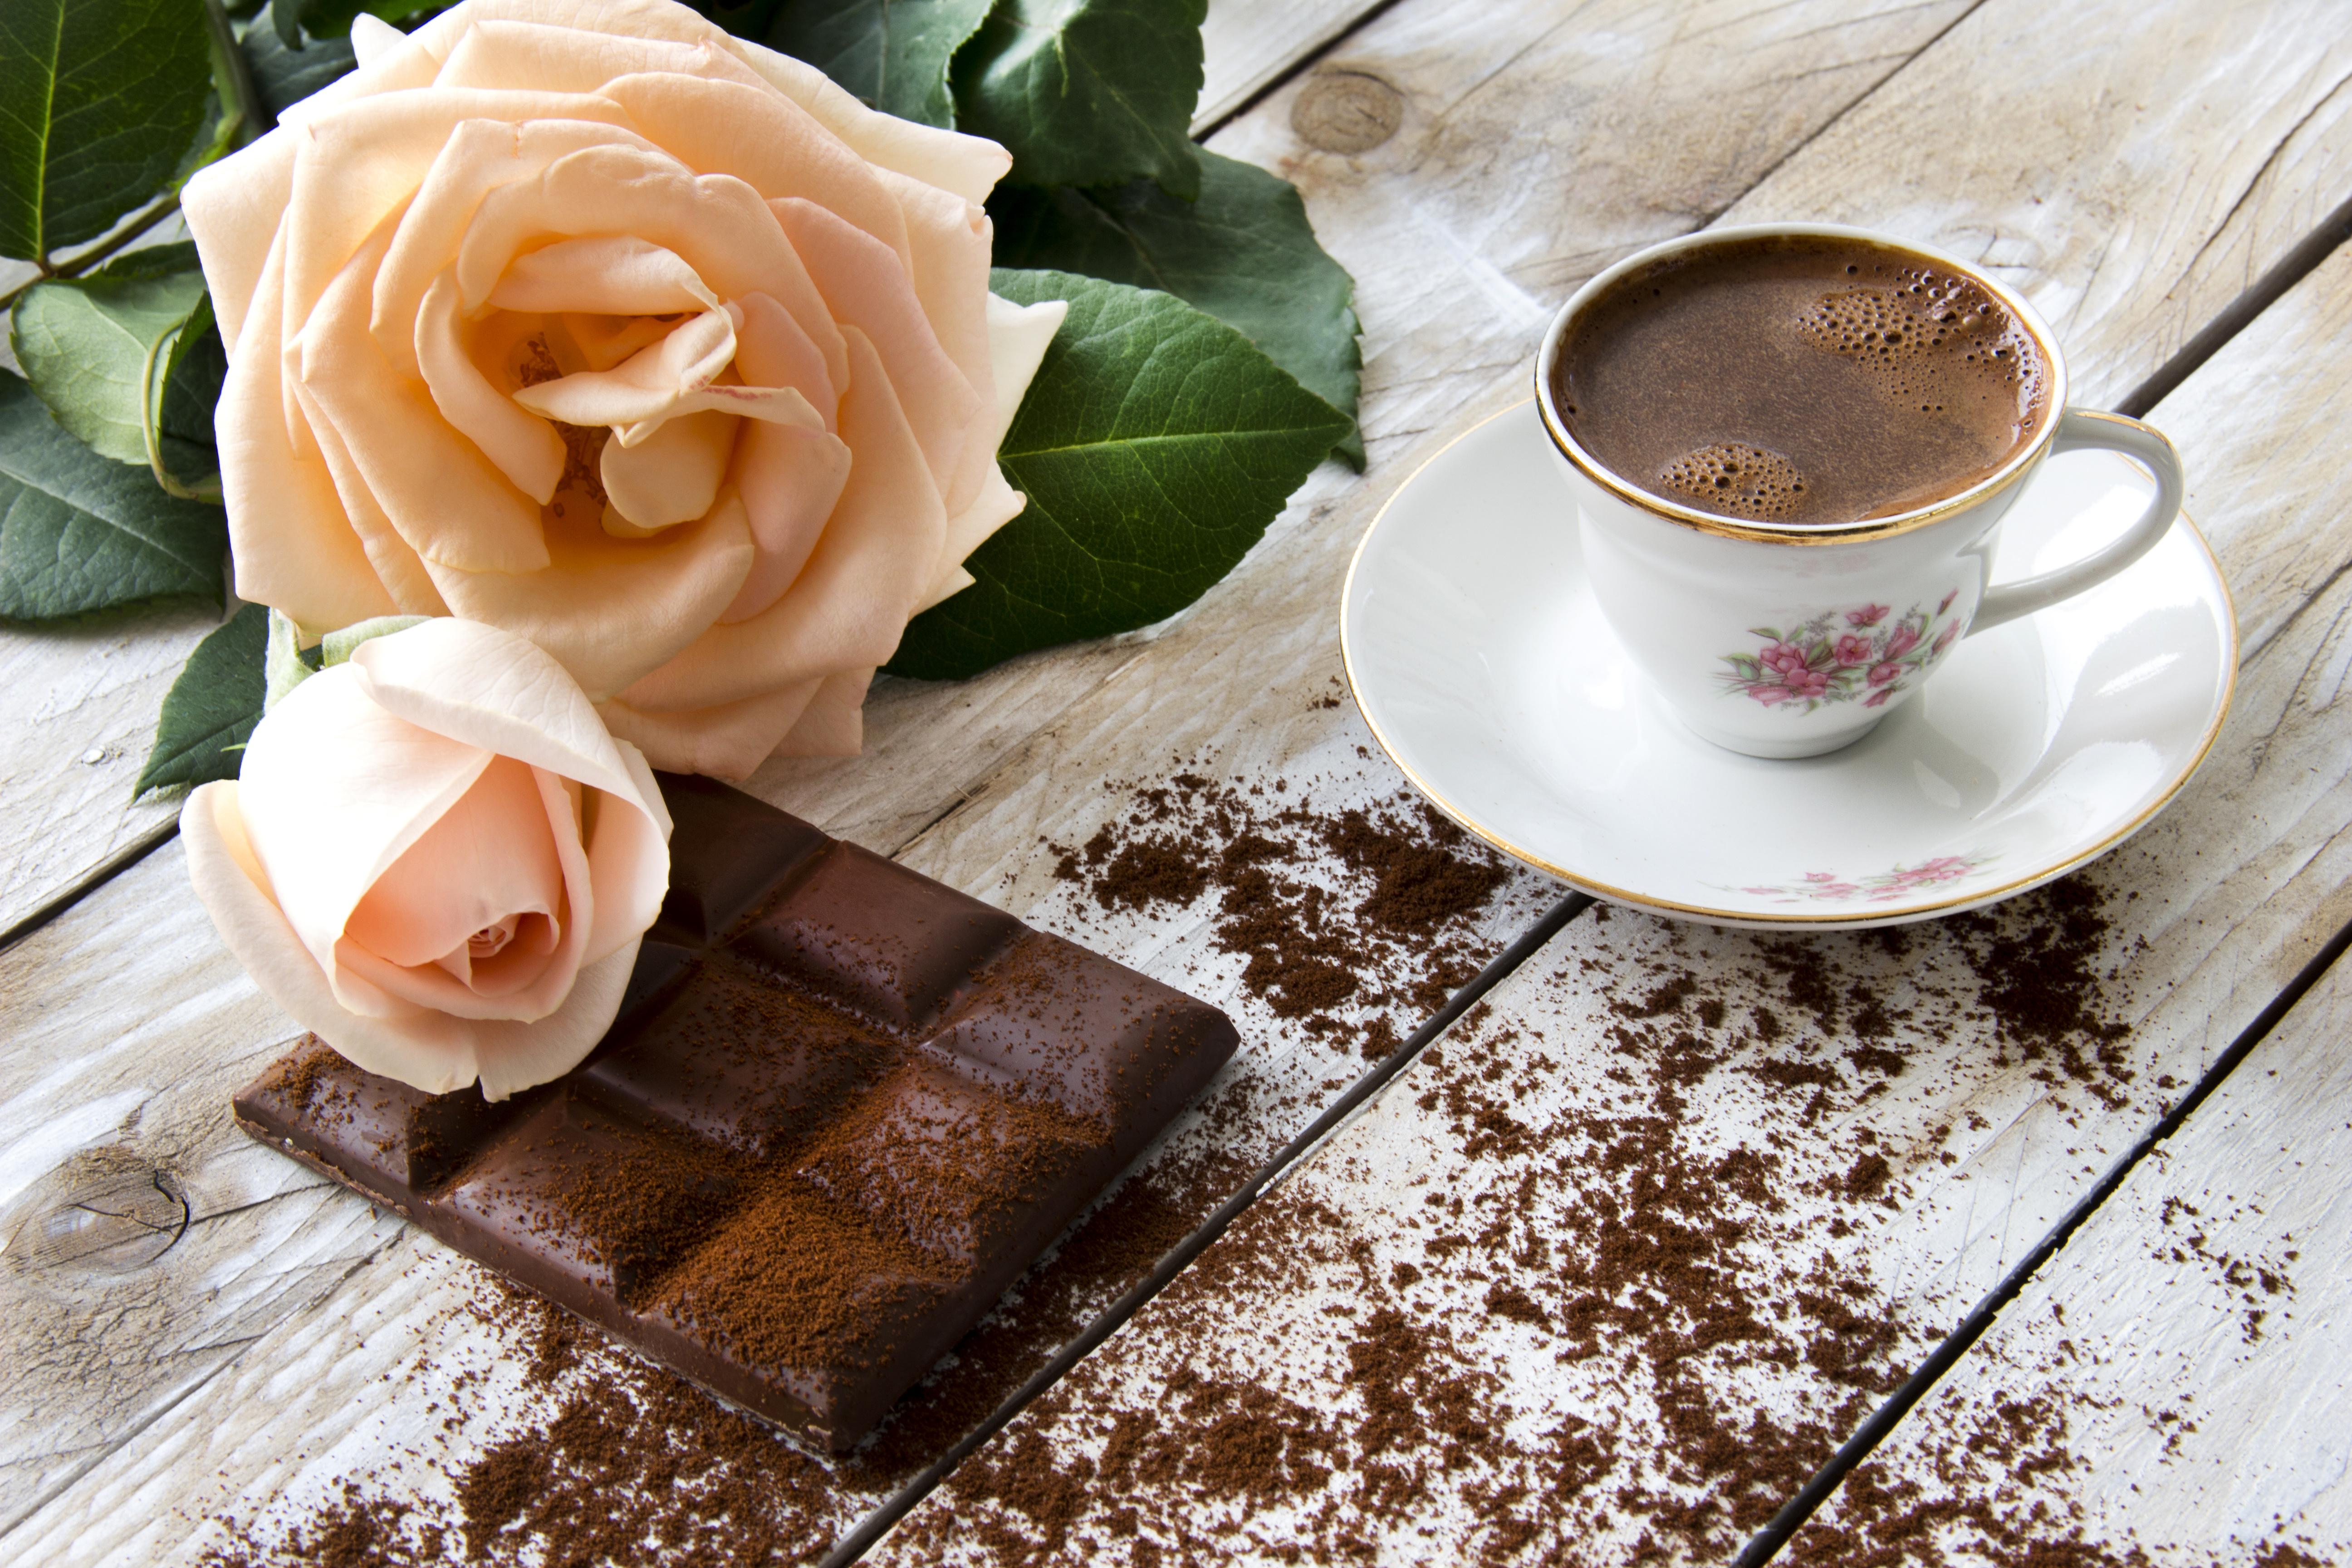 кофе с молоком картинки красивые и с розами нас